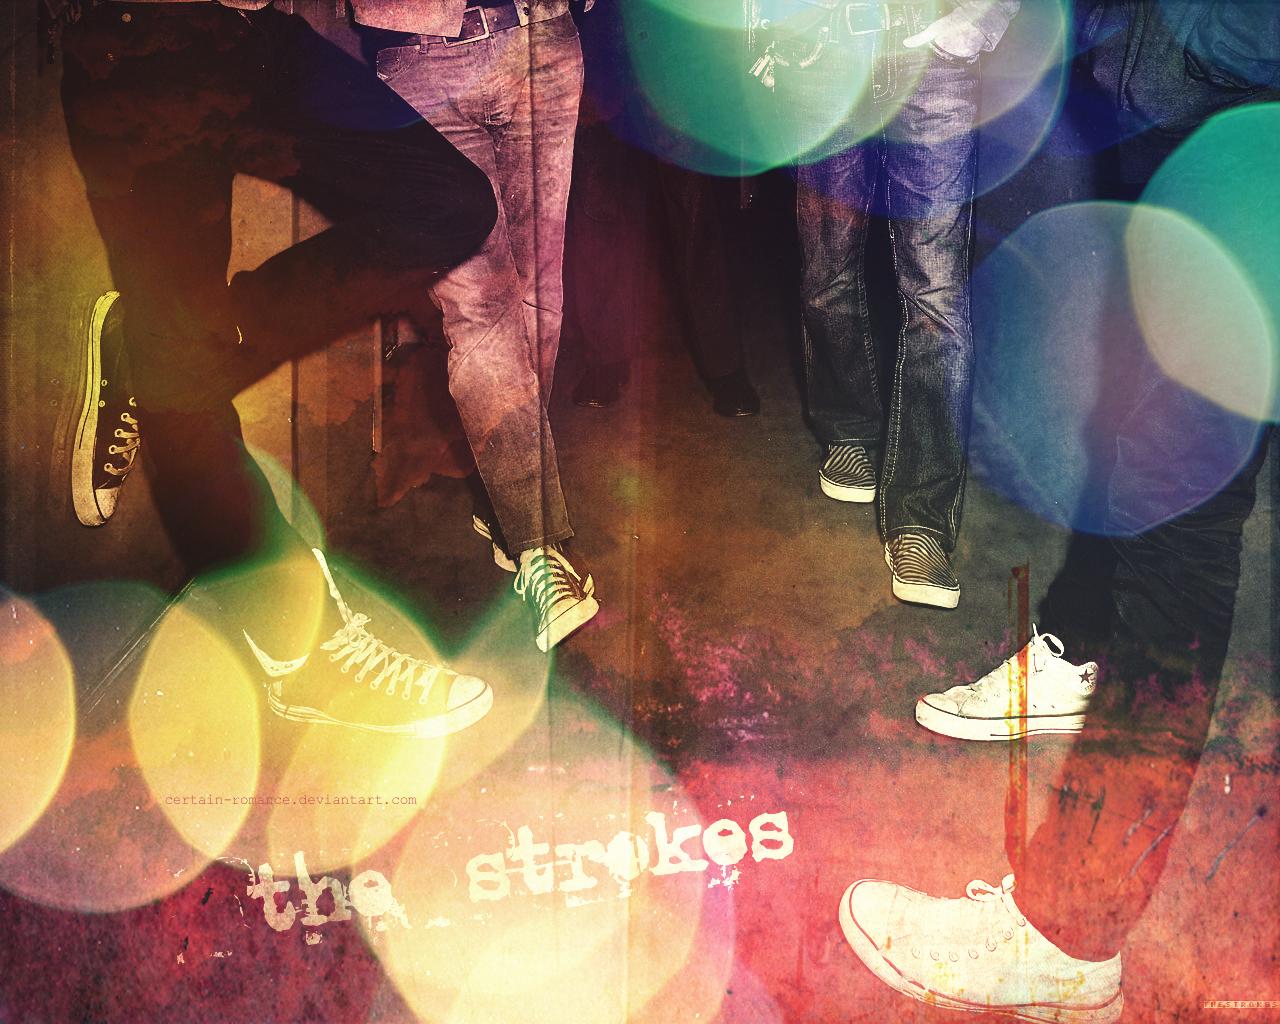 http://3.bp.blogspot.com/-WElBPw3IA6E/TkUsaqrWhcI/AAAAAAAAKCQ/FrnLlGUj3u4/s1600/The+Strokes+Wallpaper+%25281%2529.jpg